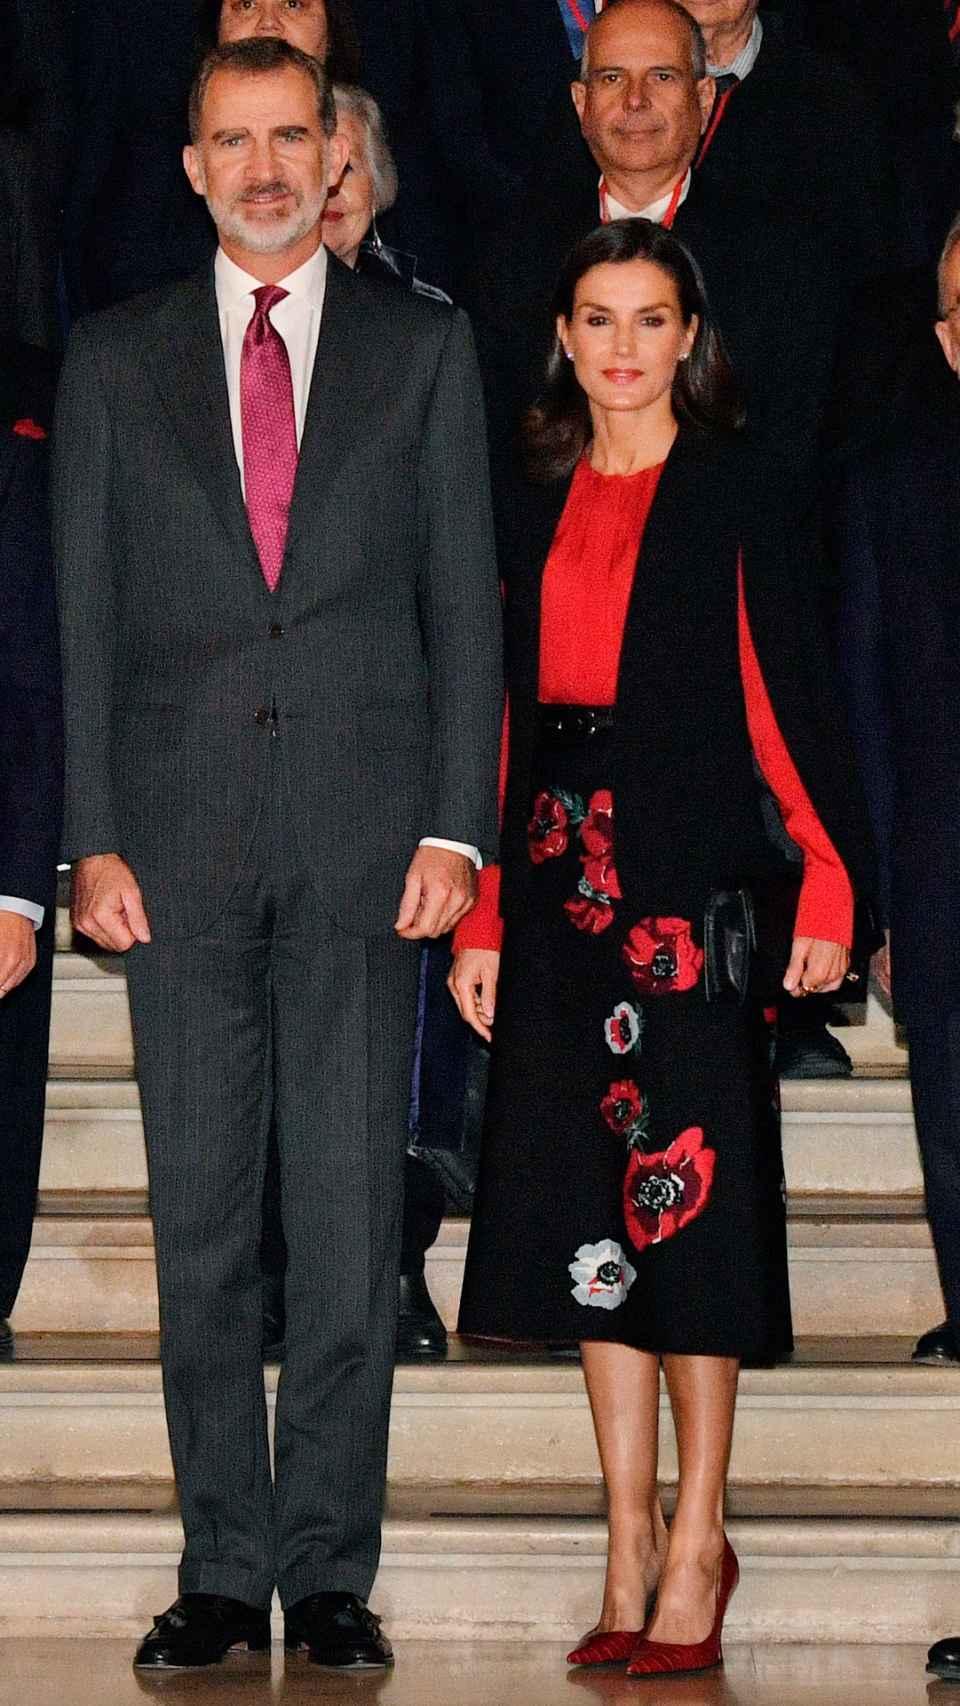 La Reina ha asistido este viernes a un evento en Sevilla.